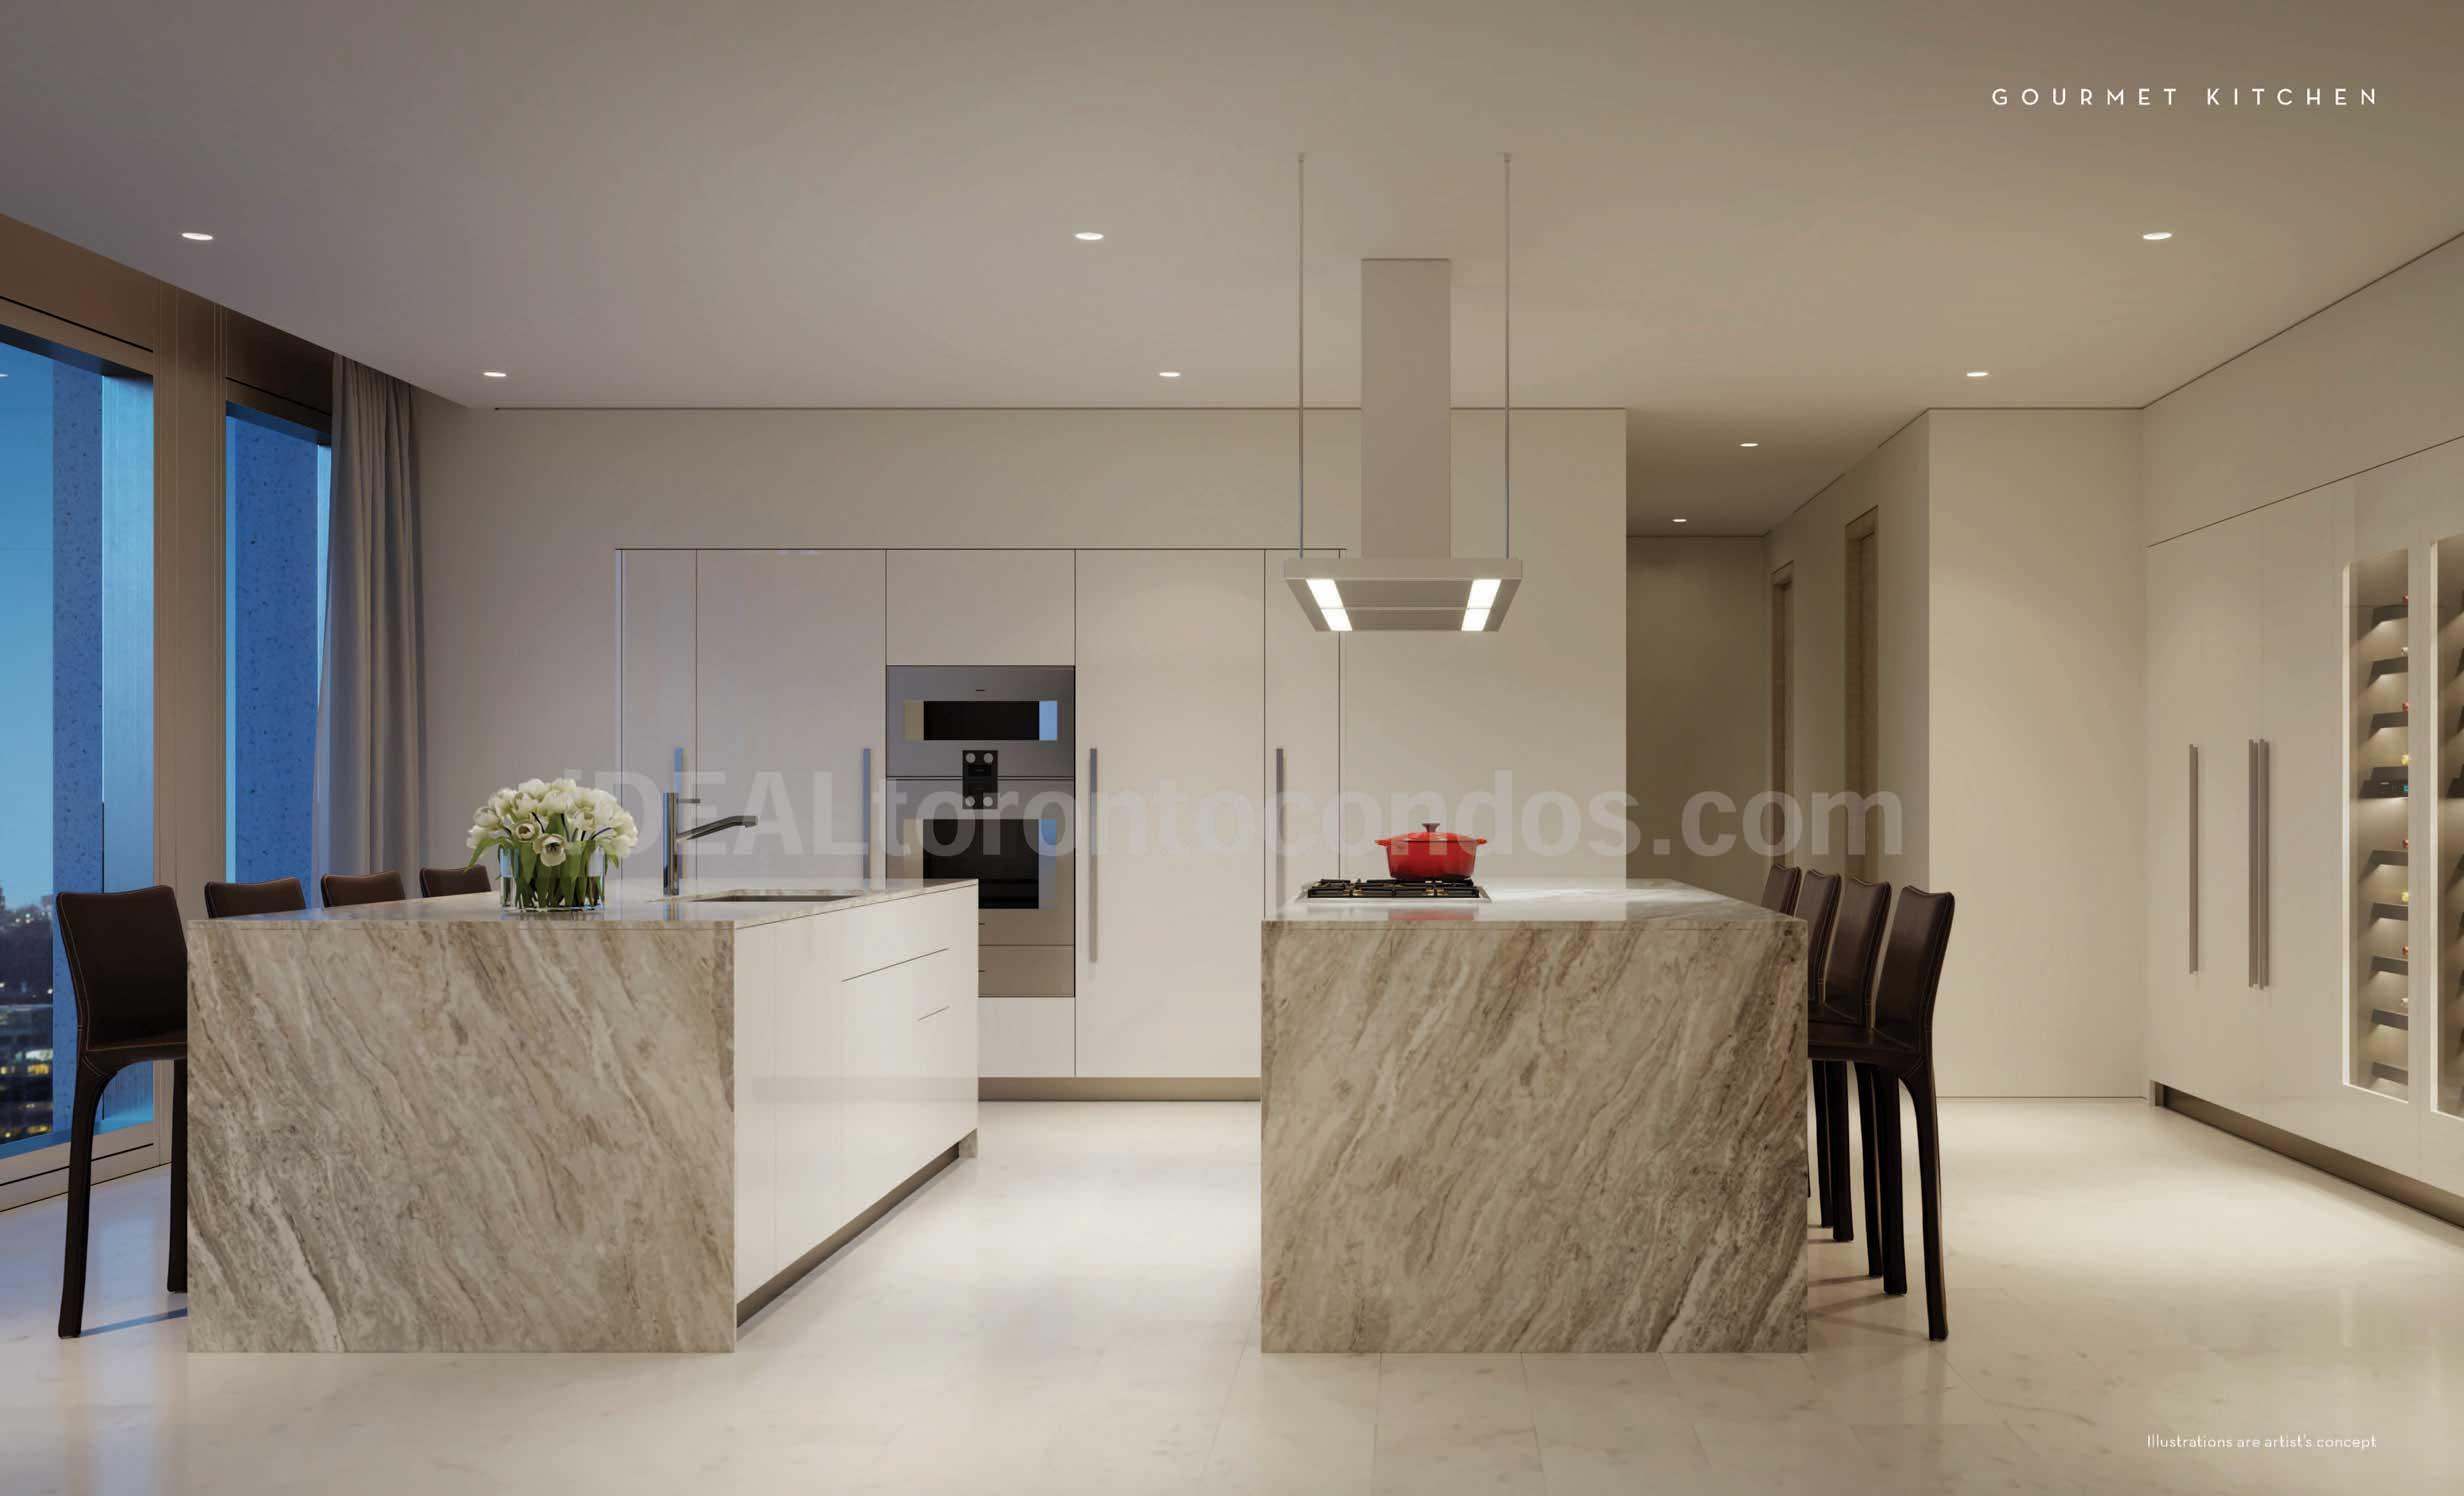 50 scollard kitchen